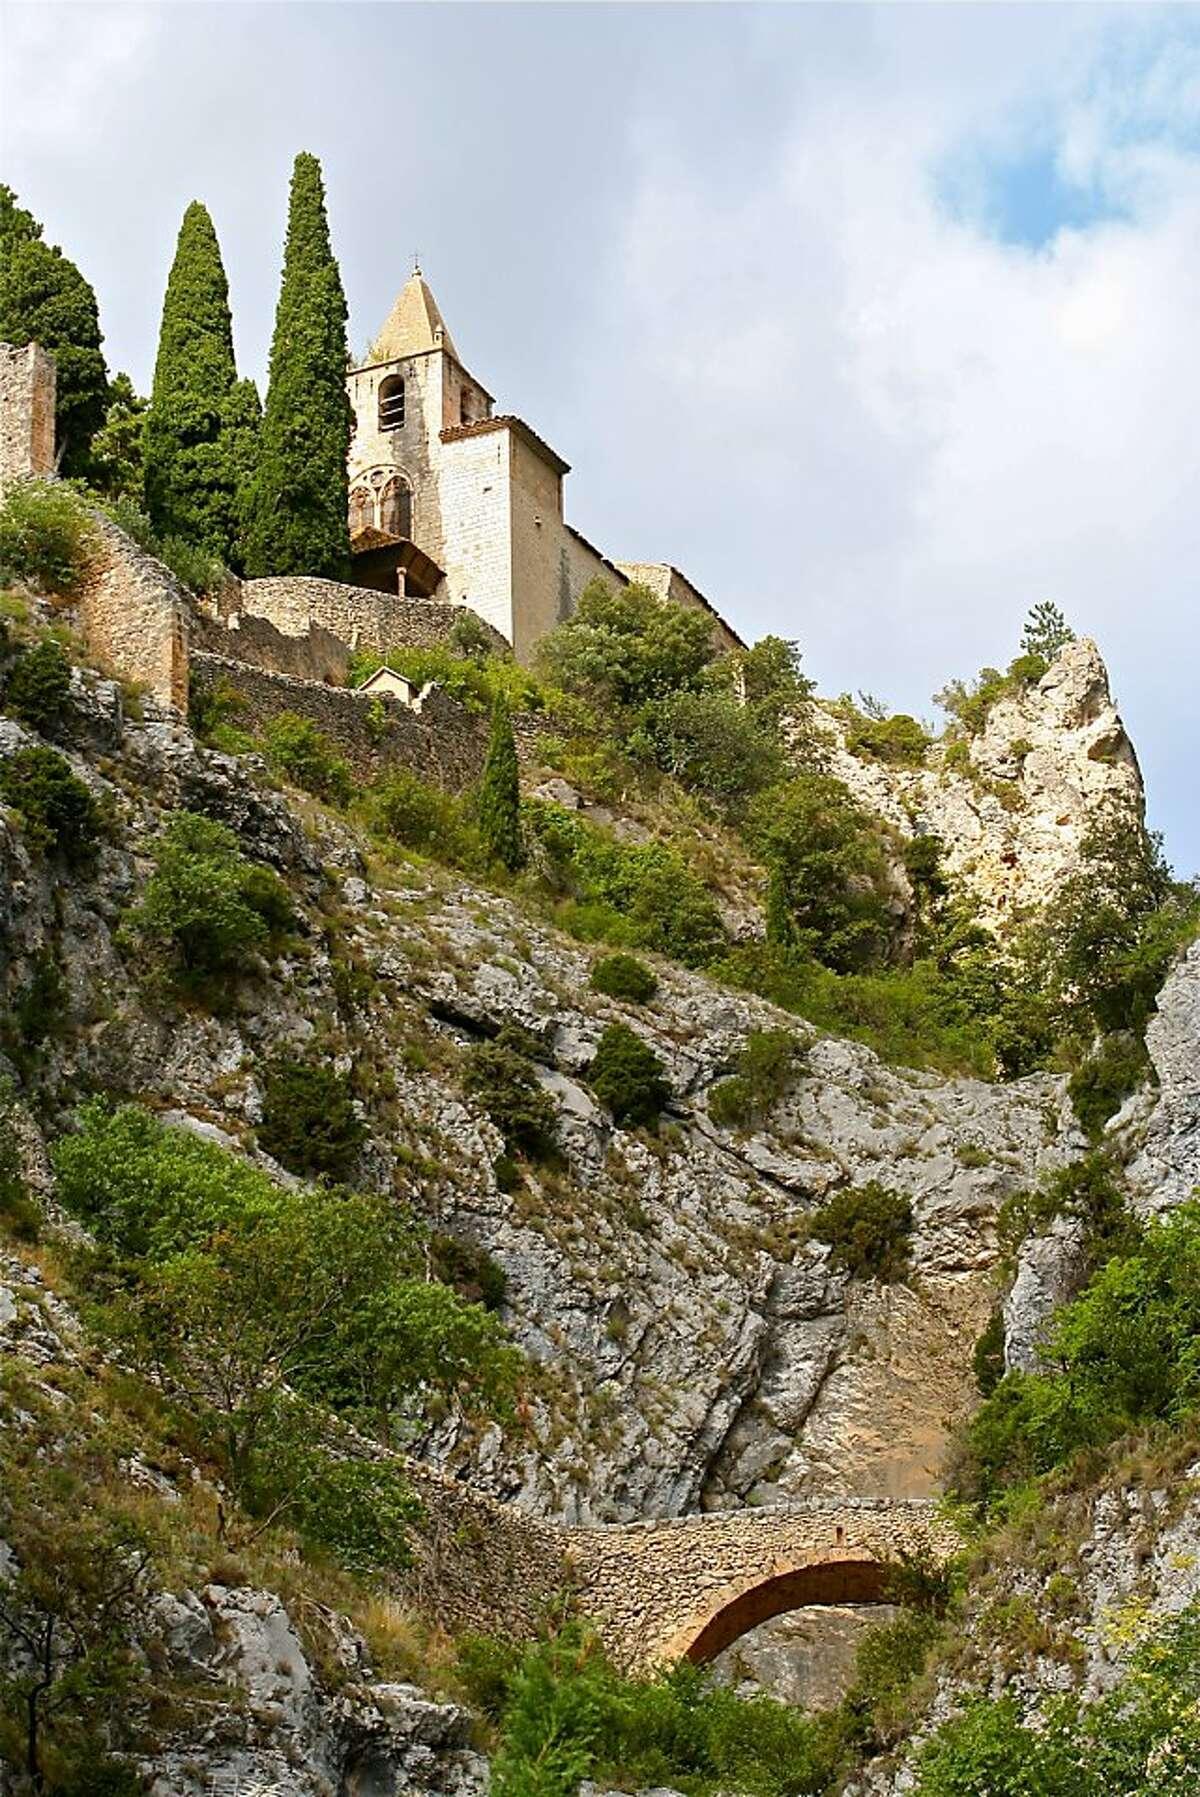 Stone steps up a pilgrim's path lead to the 12th-century chapel, Notre-Dame de Beauvoir.